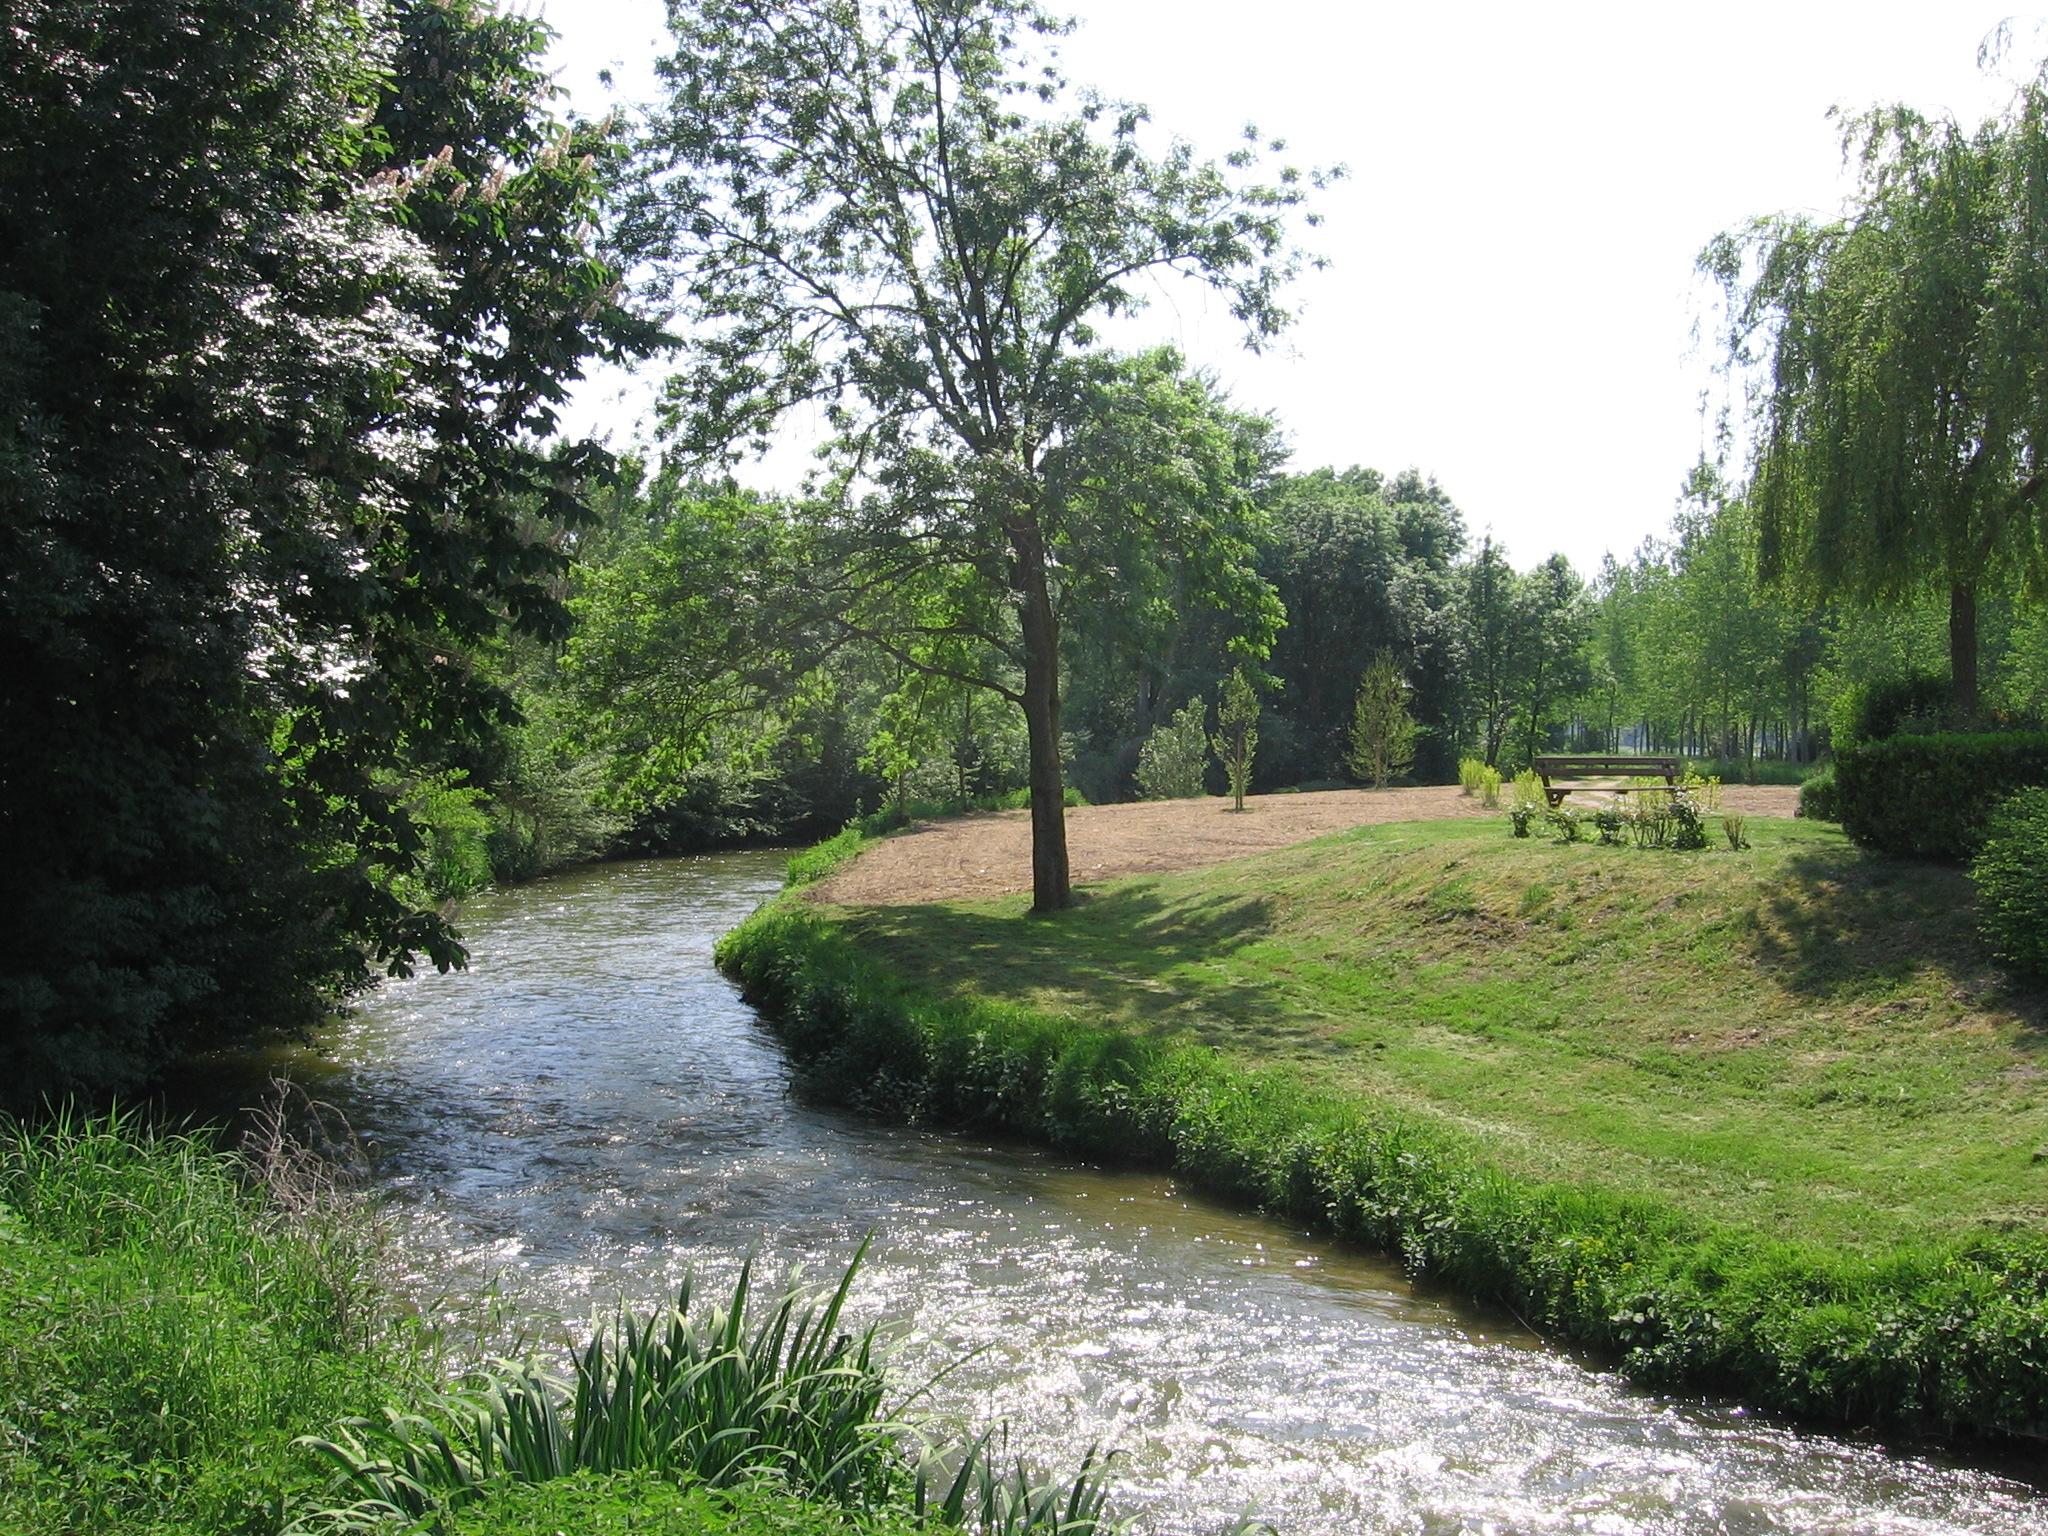 Brocante Moy De L Aisne loisirs de plein air & associations locales | communautÉ de